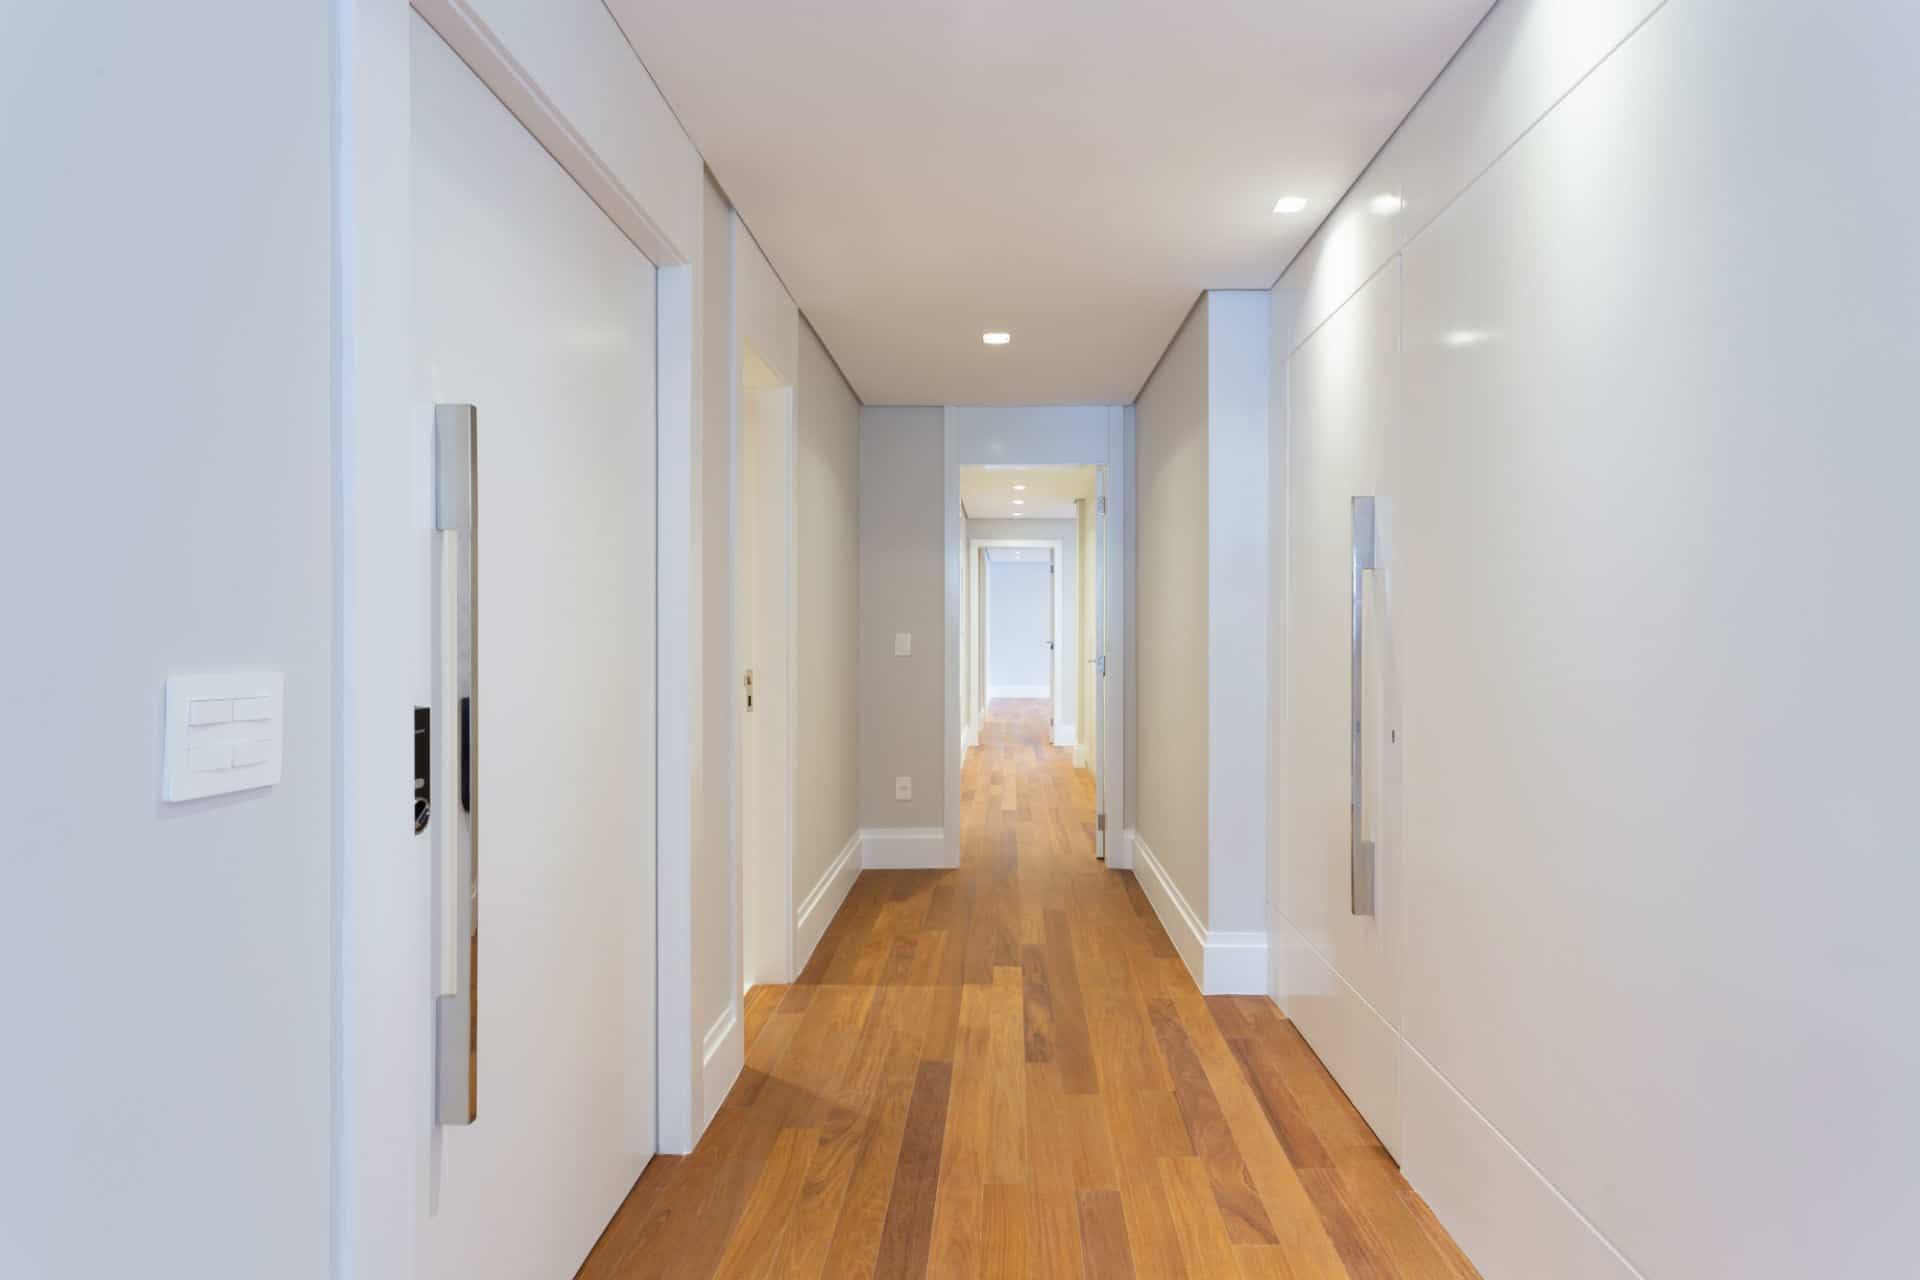 Antes & Depois: confira como a reforma transformou o corredor deste apartamento nos Jardins (SP)